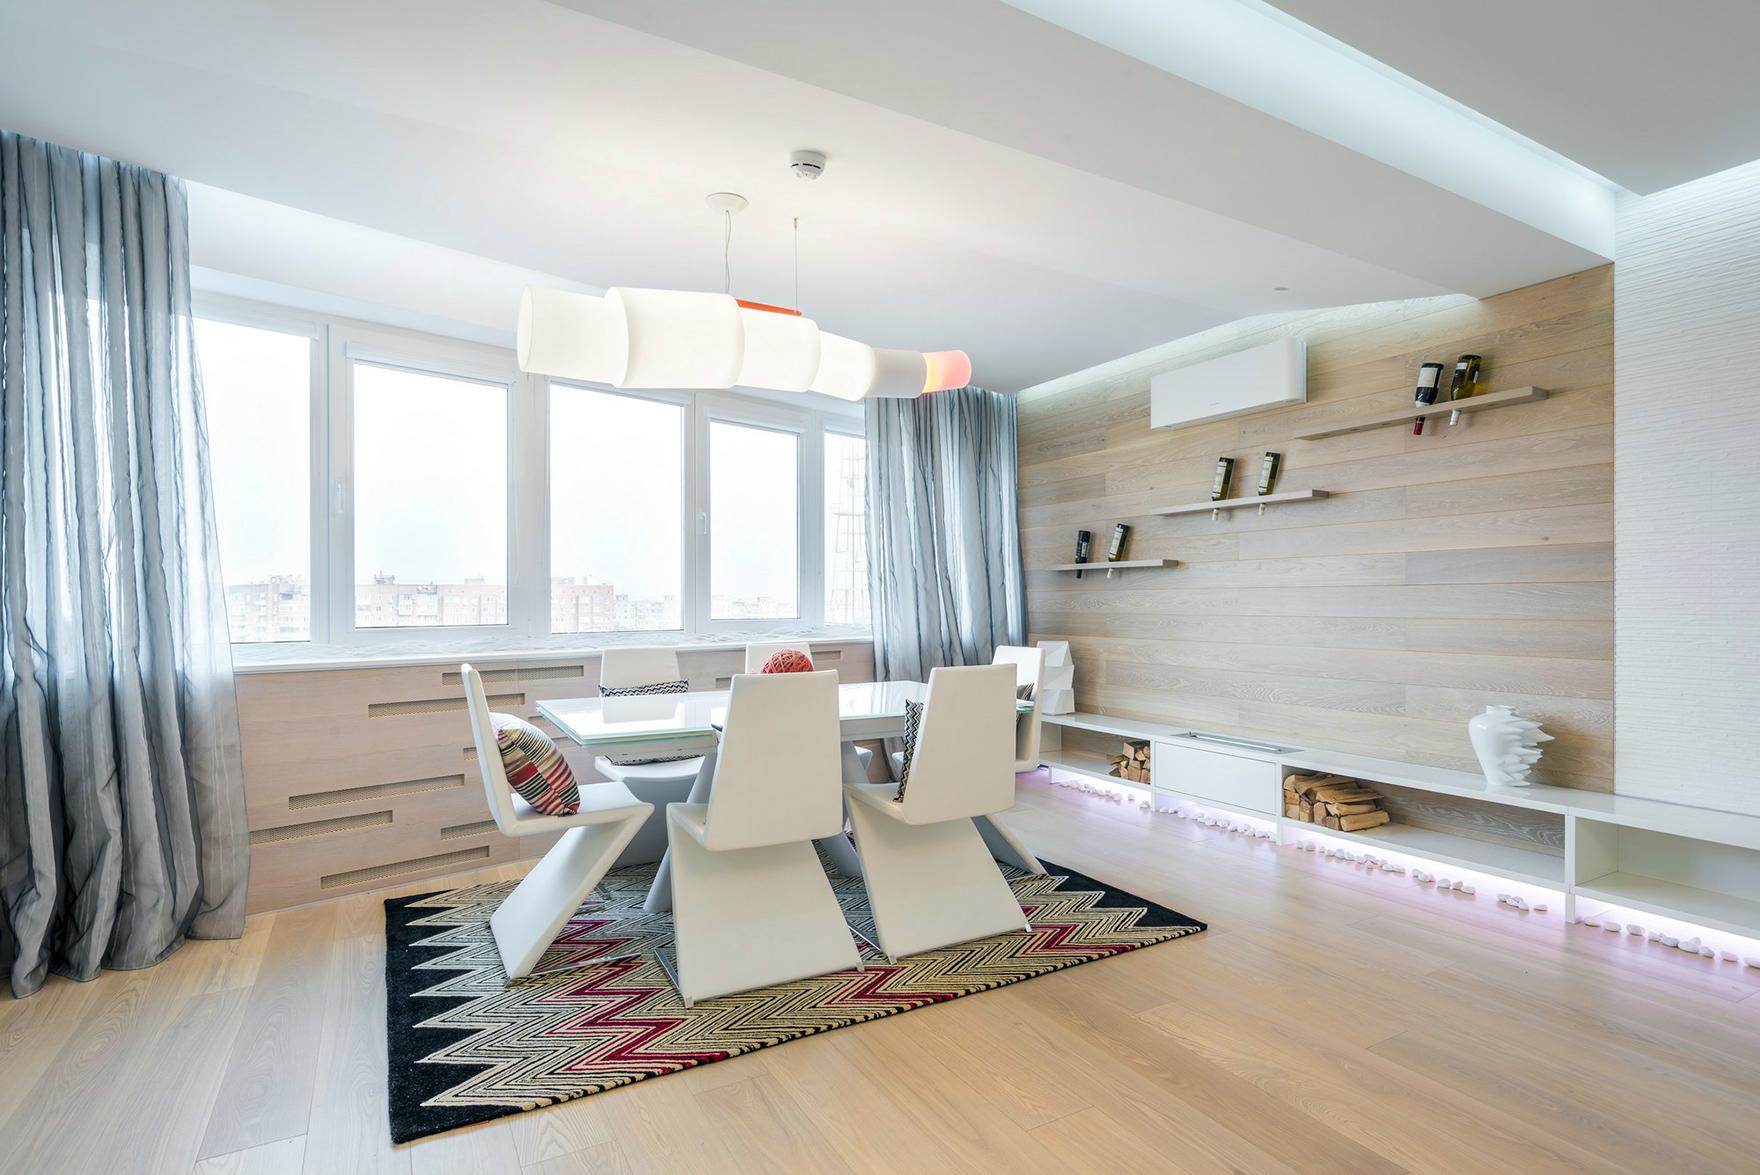 Фото дизайн квартир в светлых тонах Пастельные тона в интерьере квартиры - 33 фото